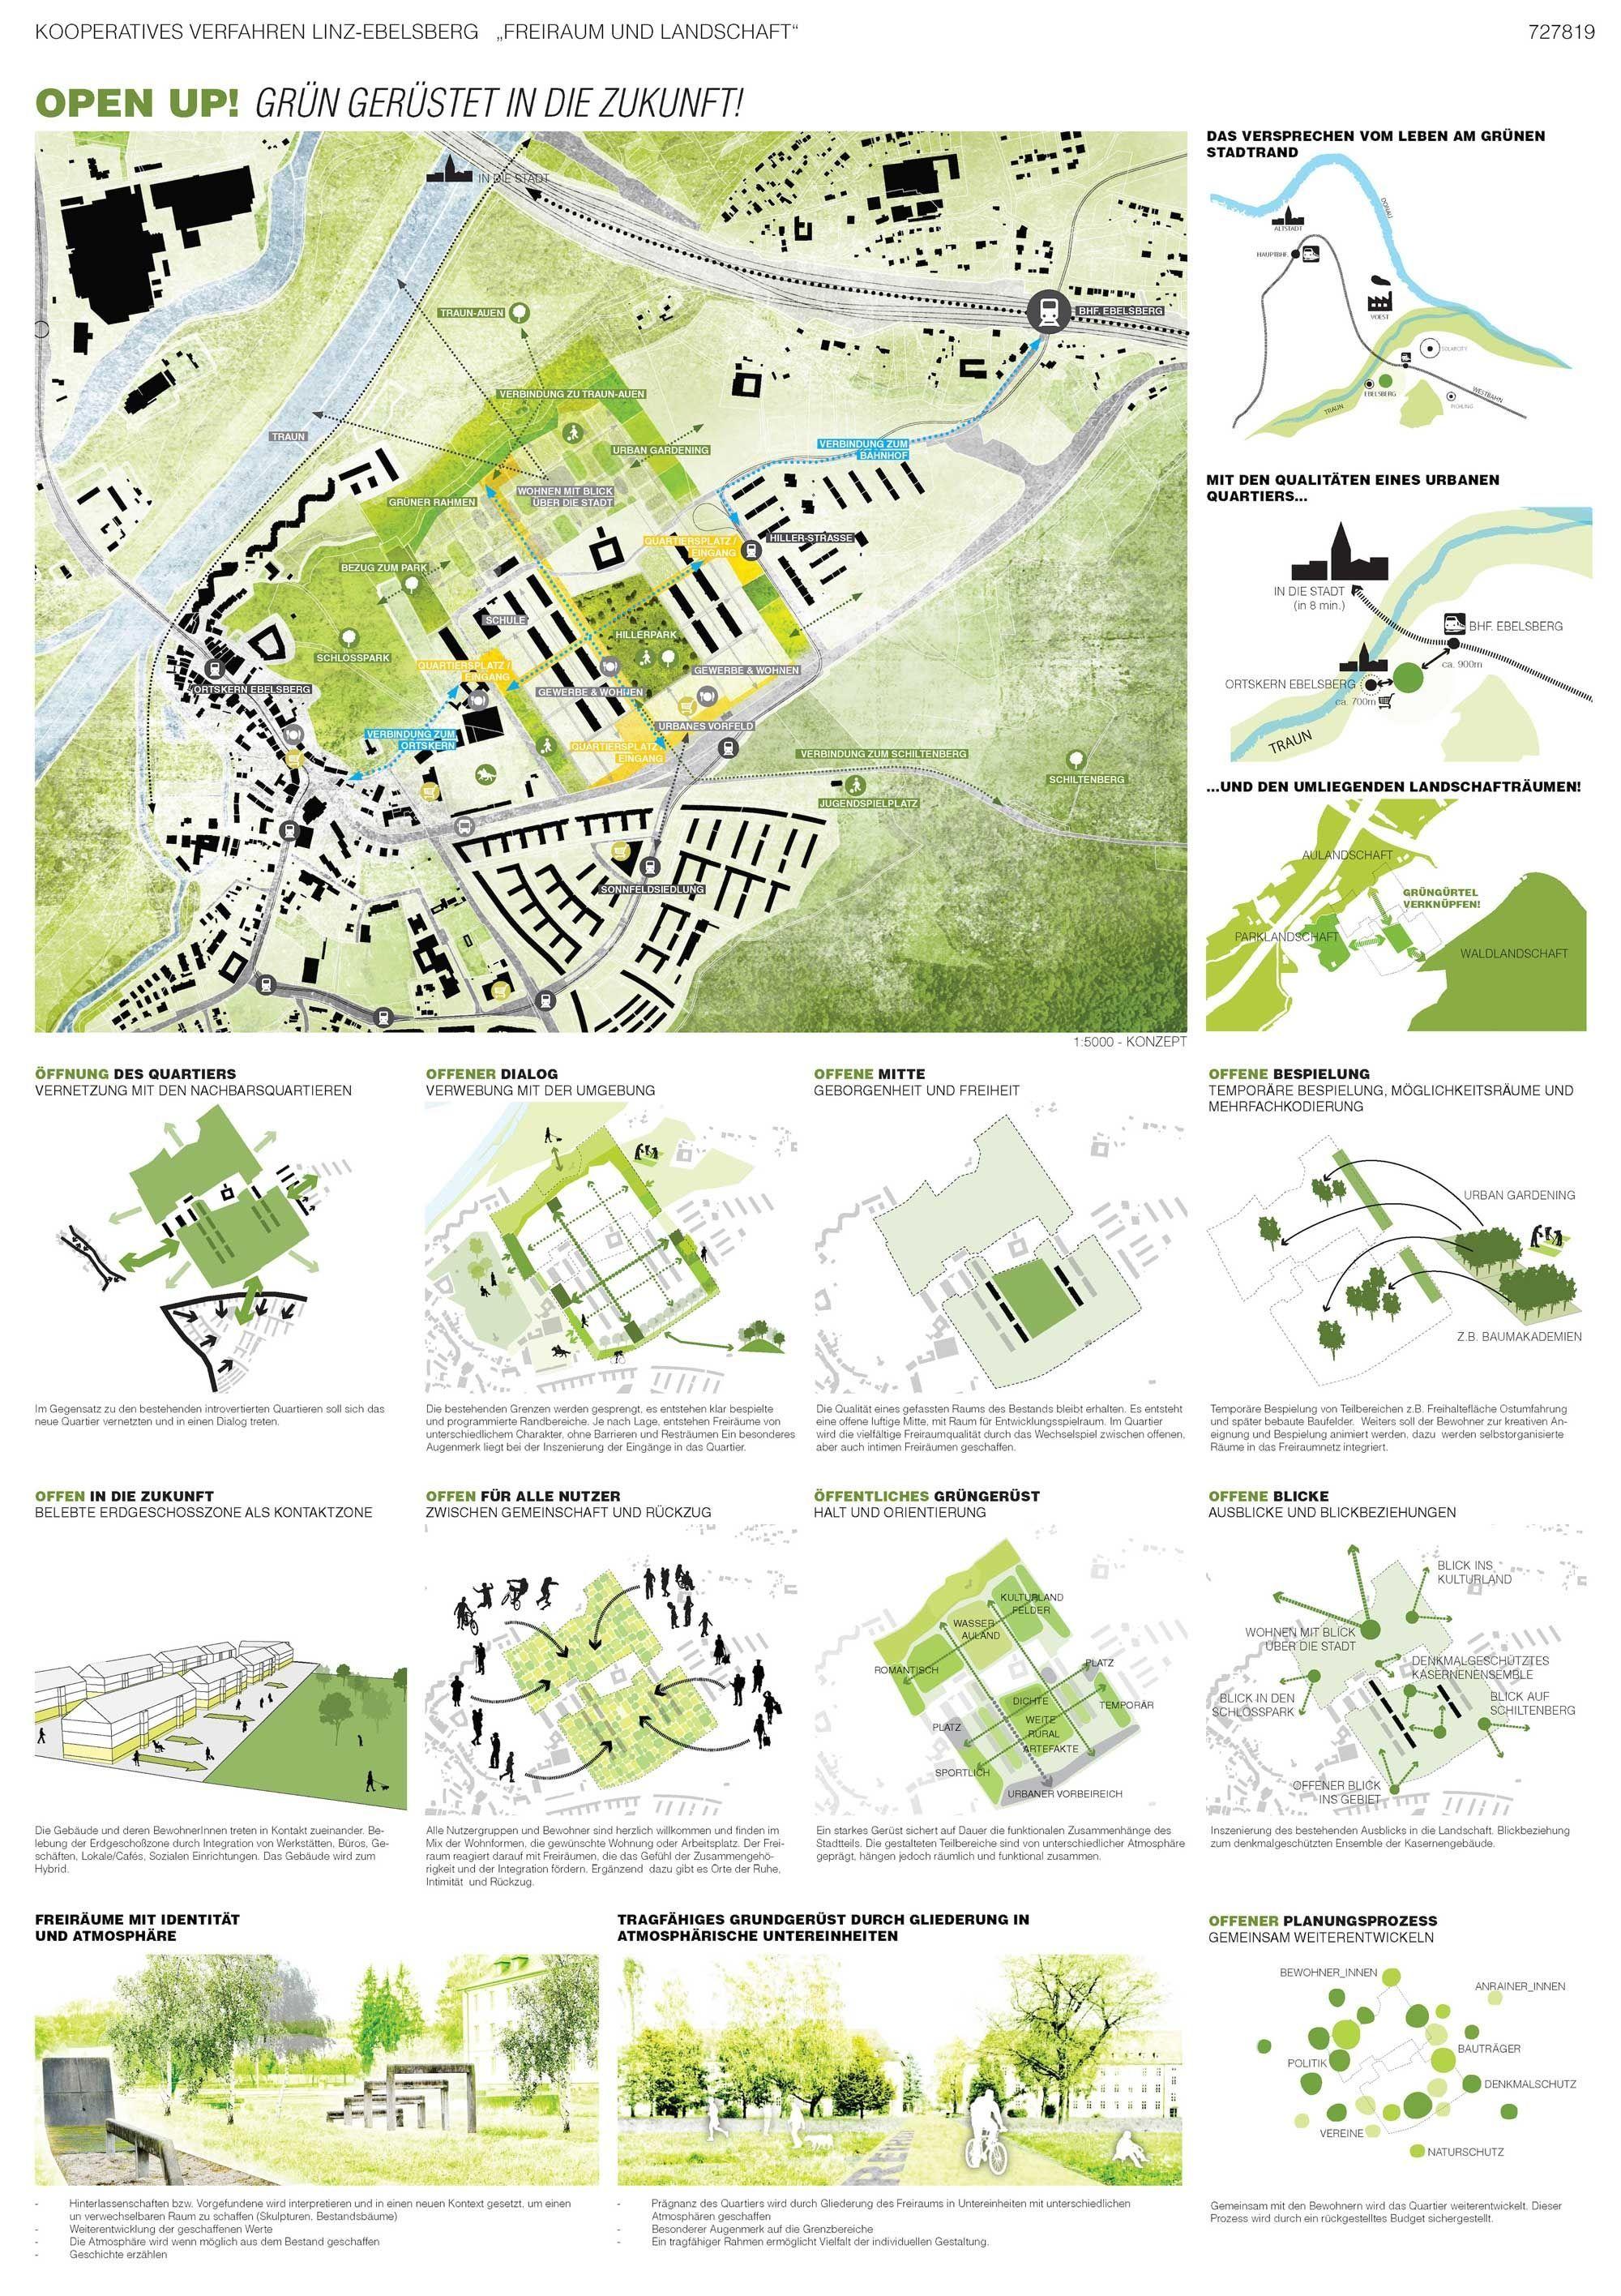 Ergebnis: Kooperatives Verfahren Linz-Ebelsberg...competitionline #architektonischepräsentation